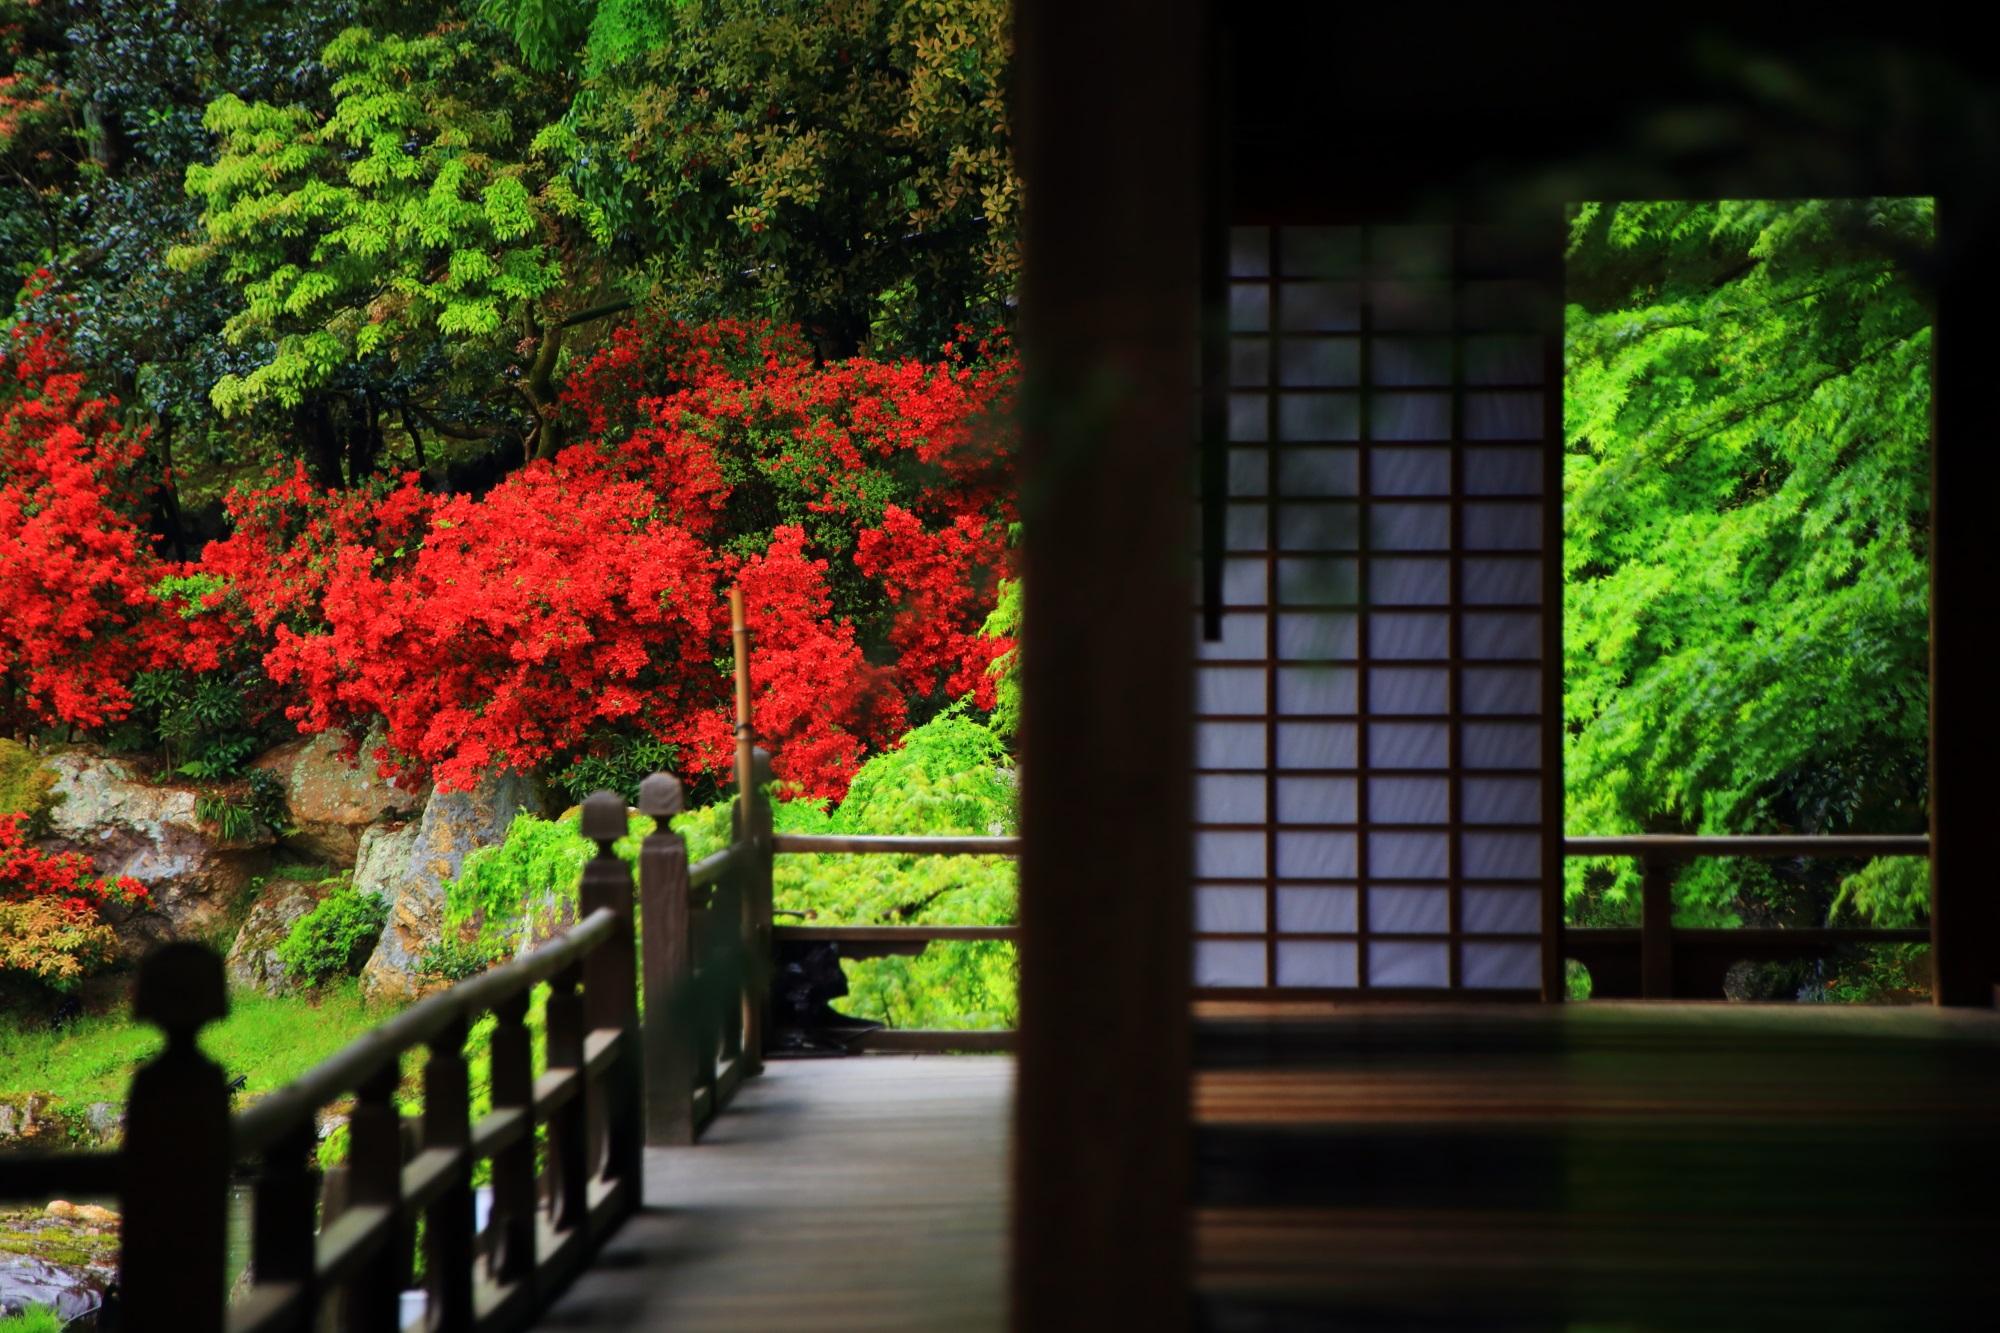 青蓮院の小御所の向こうに見える極上のキリシマツツジと新緑